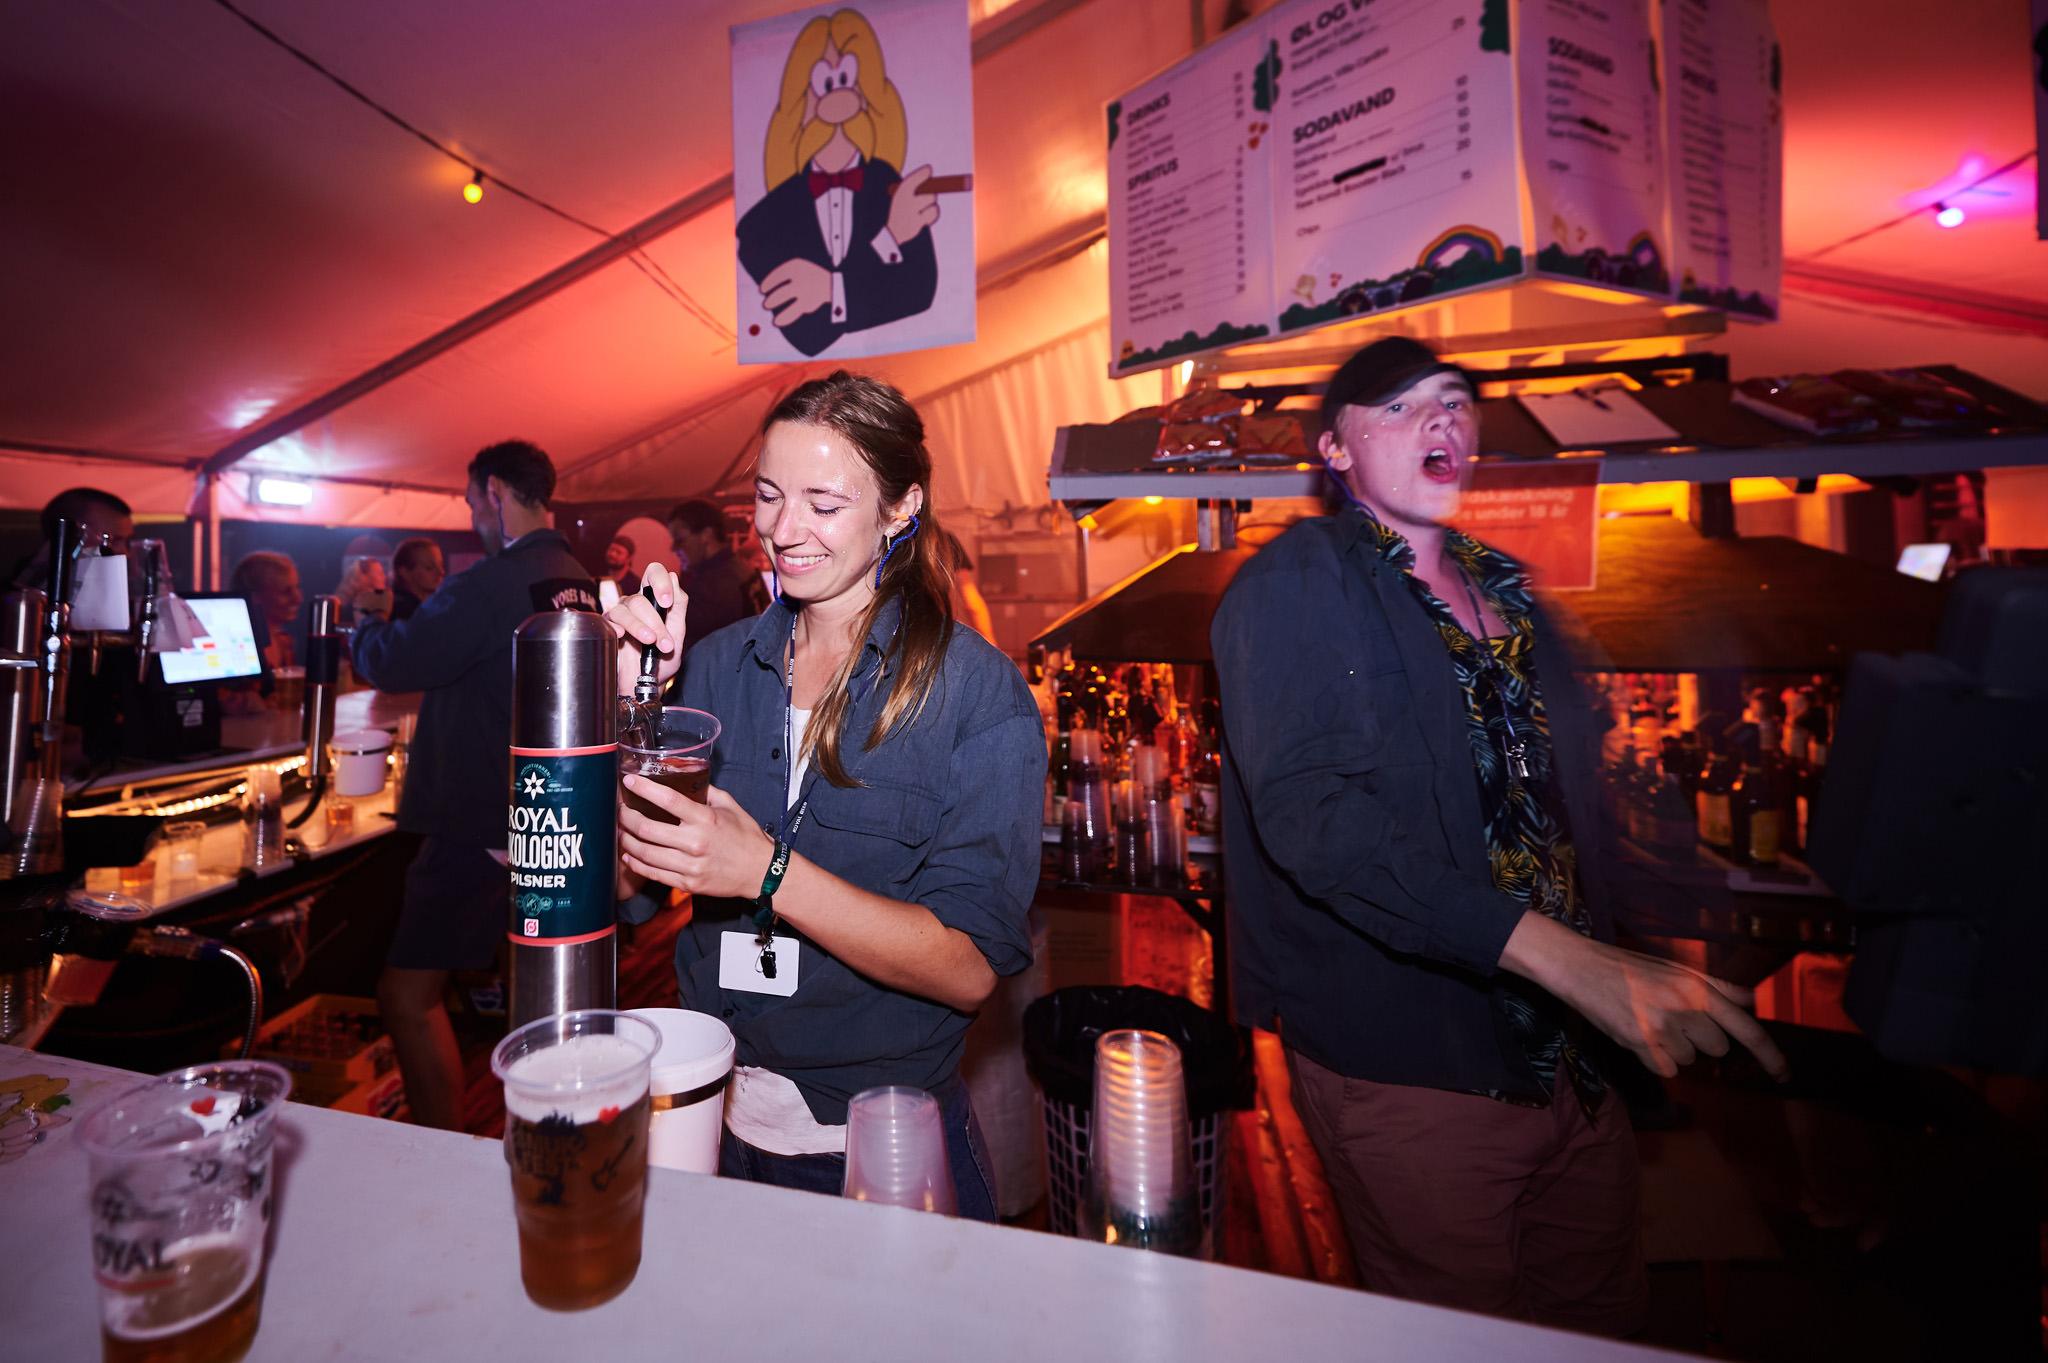 Bartender i Vores Bar - Smukfest foto